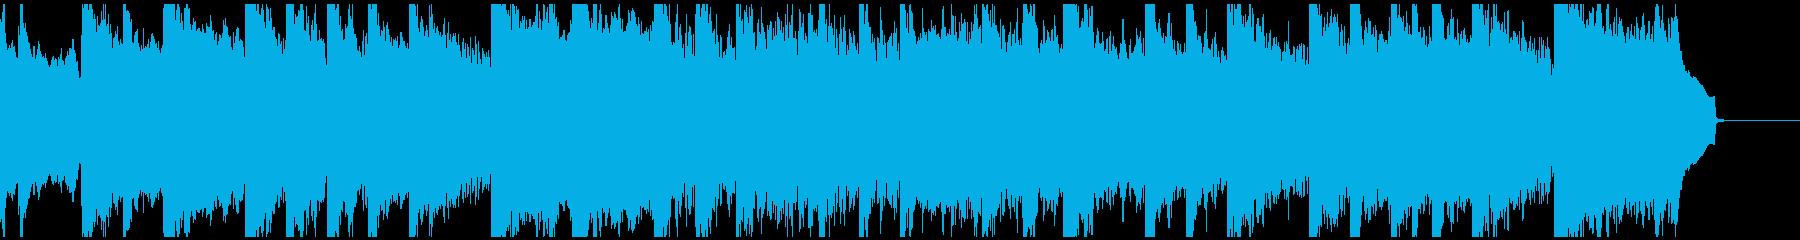 勇敢なオーケストラ(室内楽風)な曲。の再生済みの波形